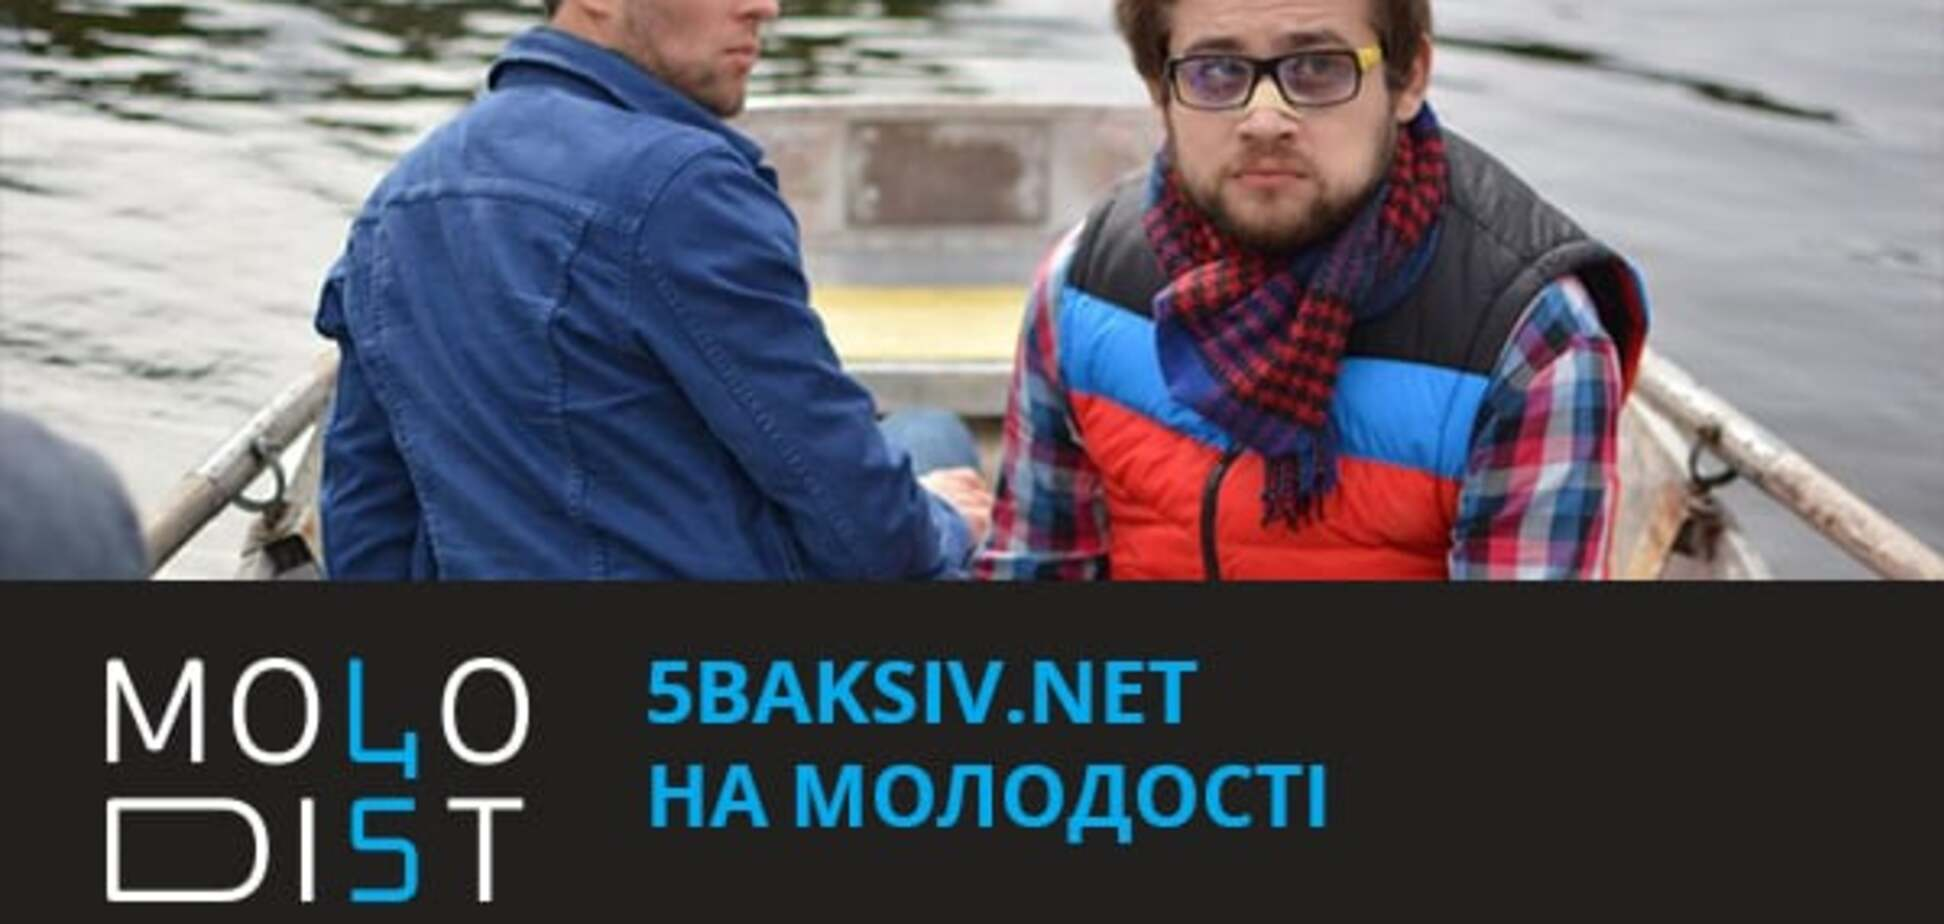 'Молодість' покаже перший український веб-серіал 5baksiv.net